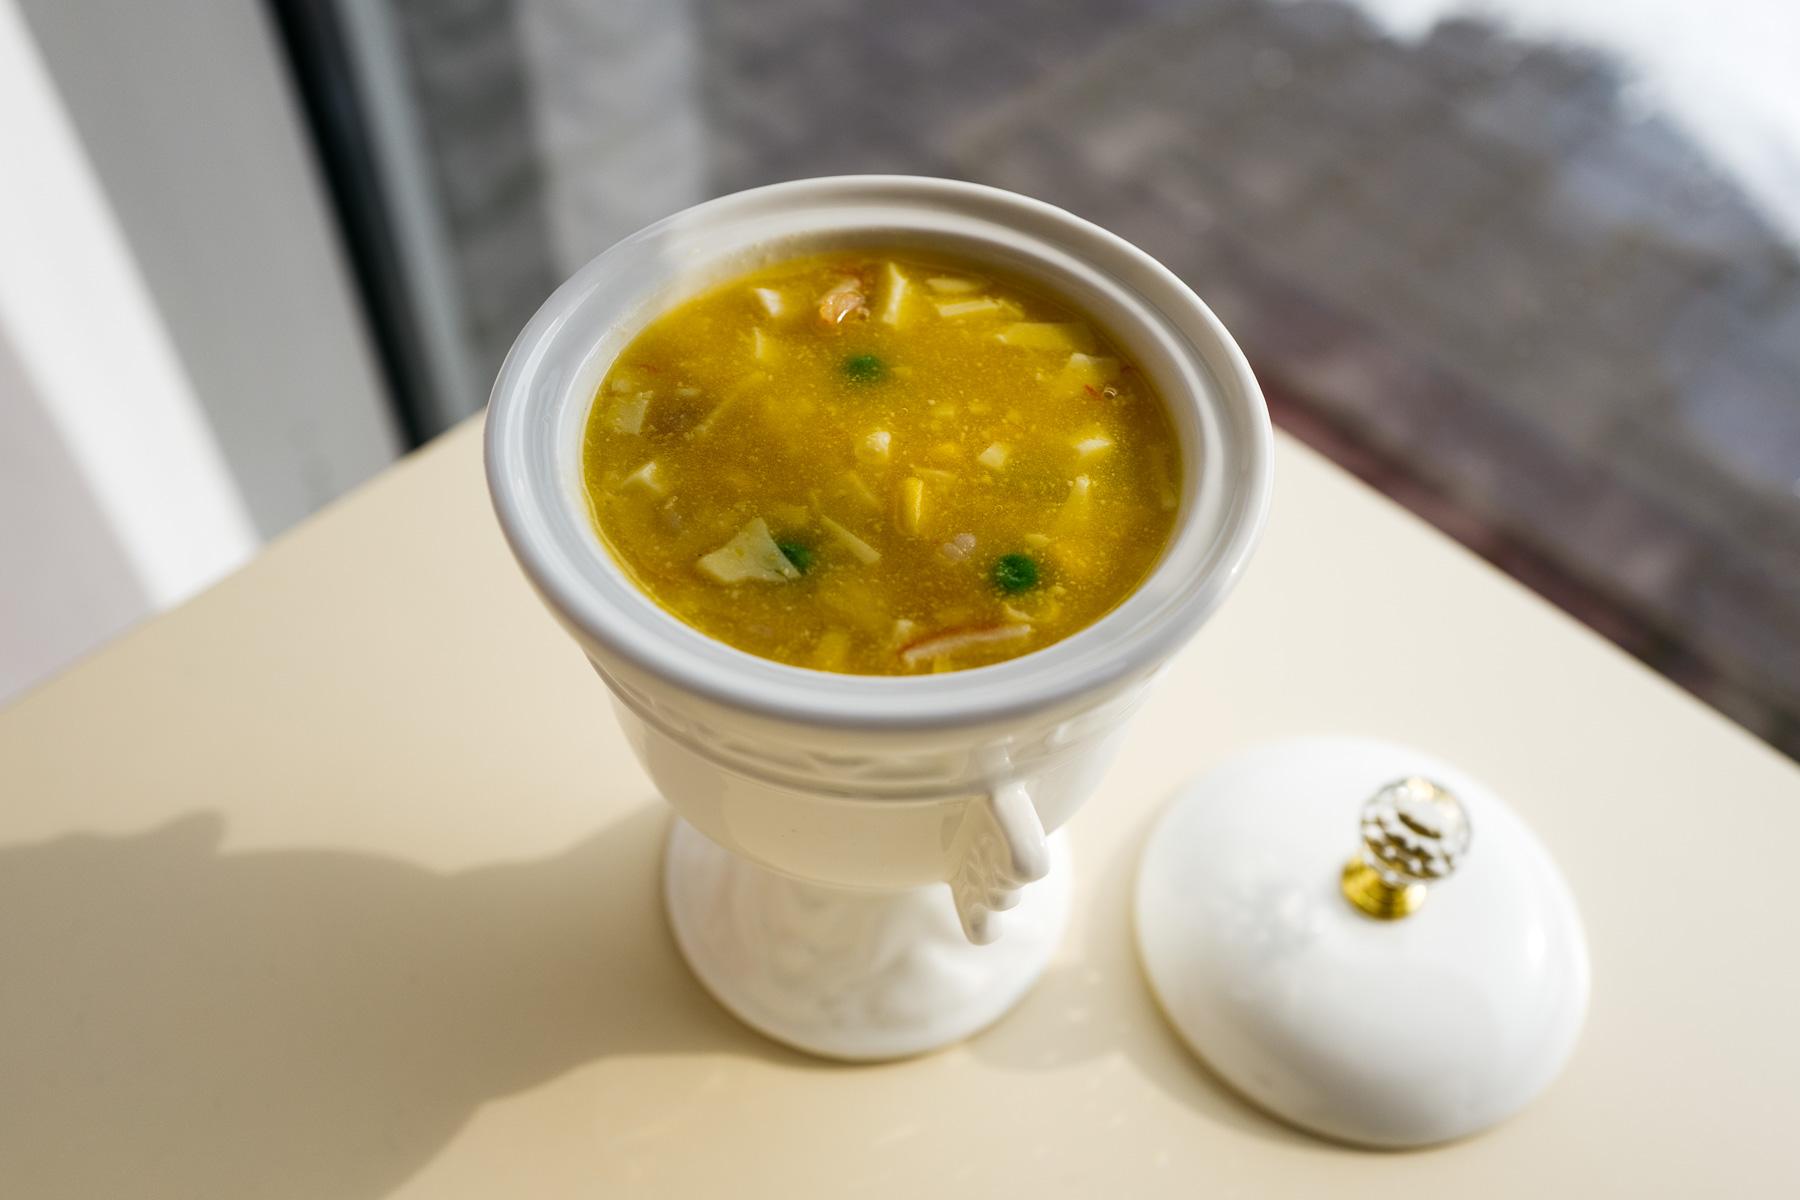 Zupa dyniowa z owocami morza, jajkiem i tofu (yi pin hai xian geng, 一品海鲜羹)